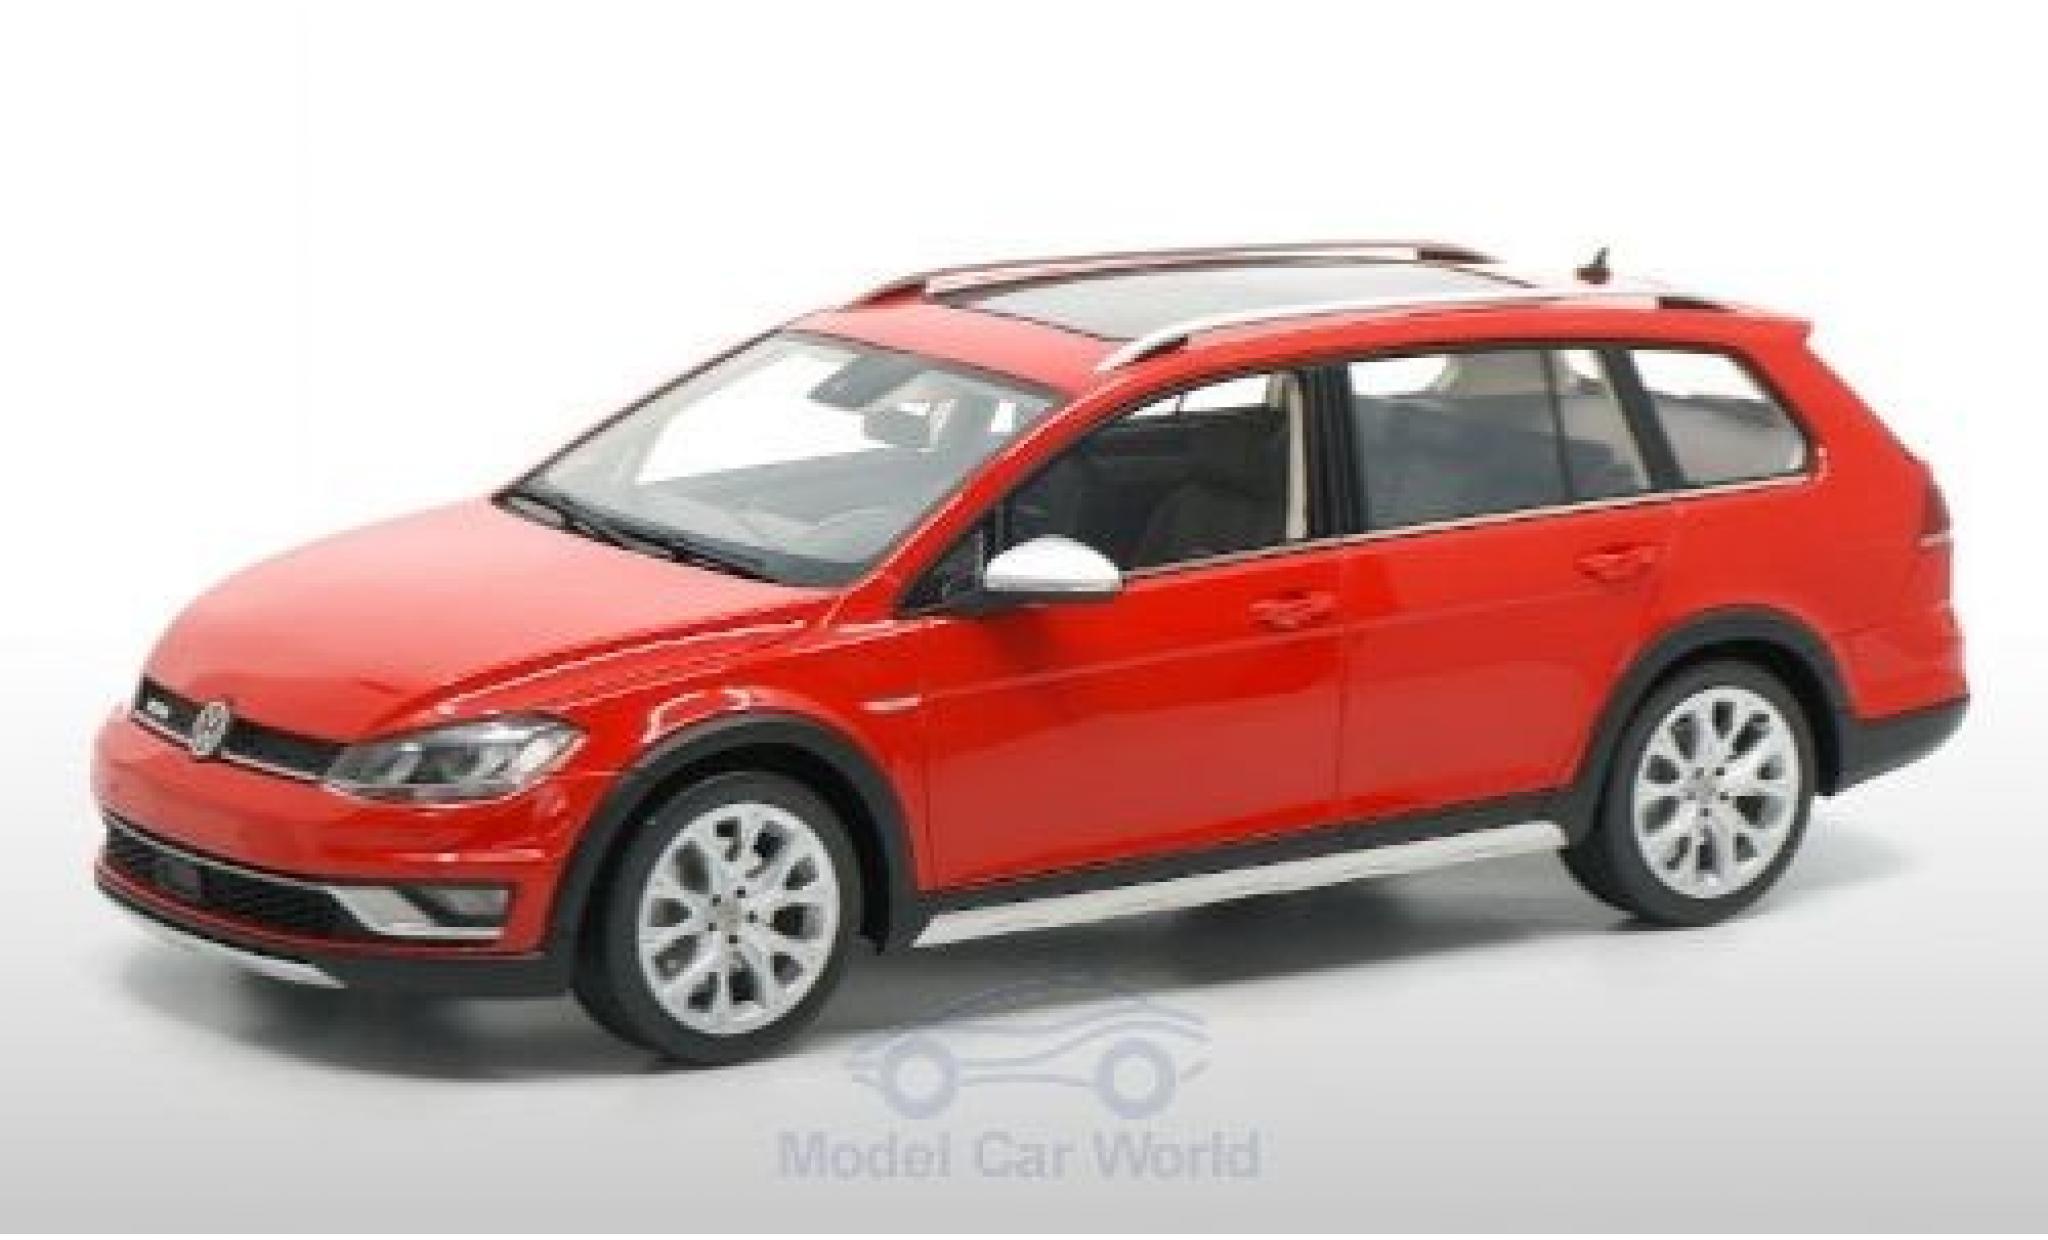 Volkswagen Golf 1/18 DNA Collectibles VII Alltrack red 2015